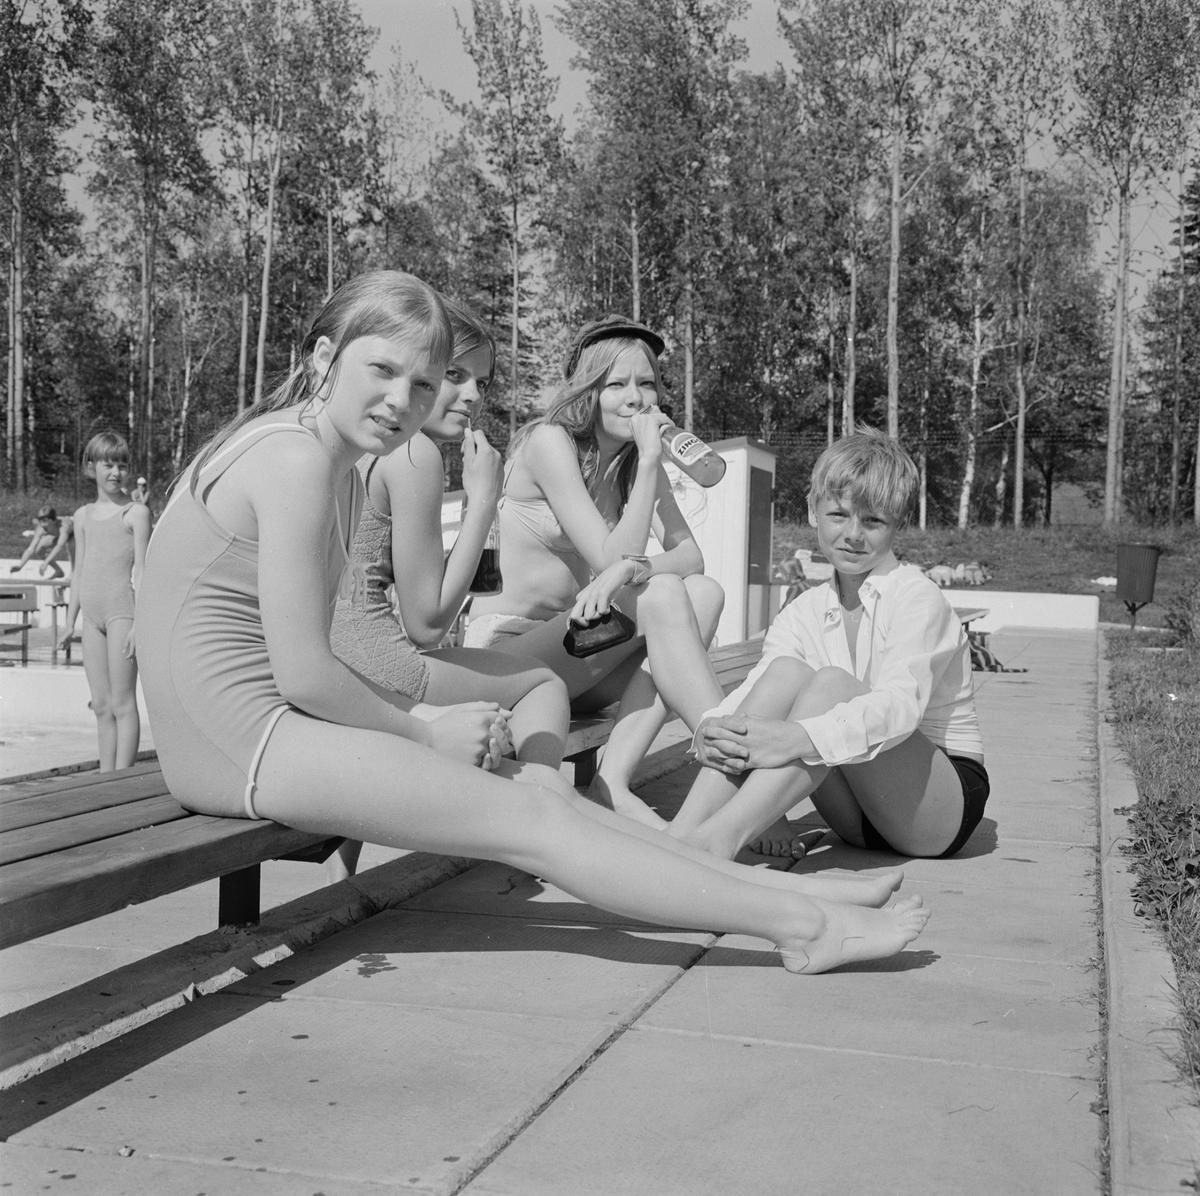 Badpremiär på Aspenbadet, Tierp, Uppland, juni 1968